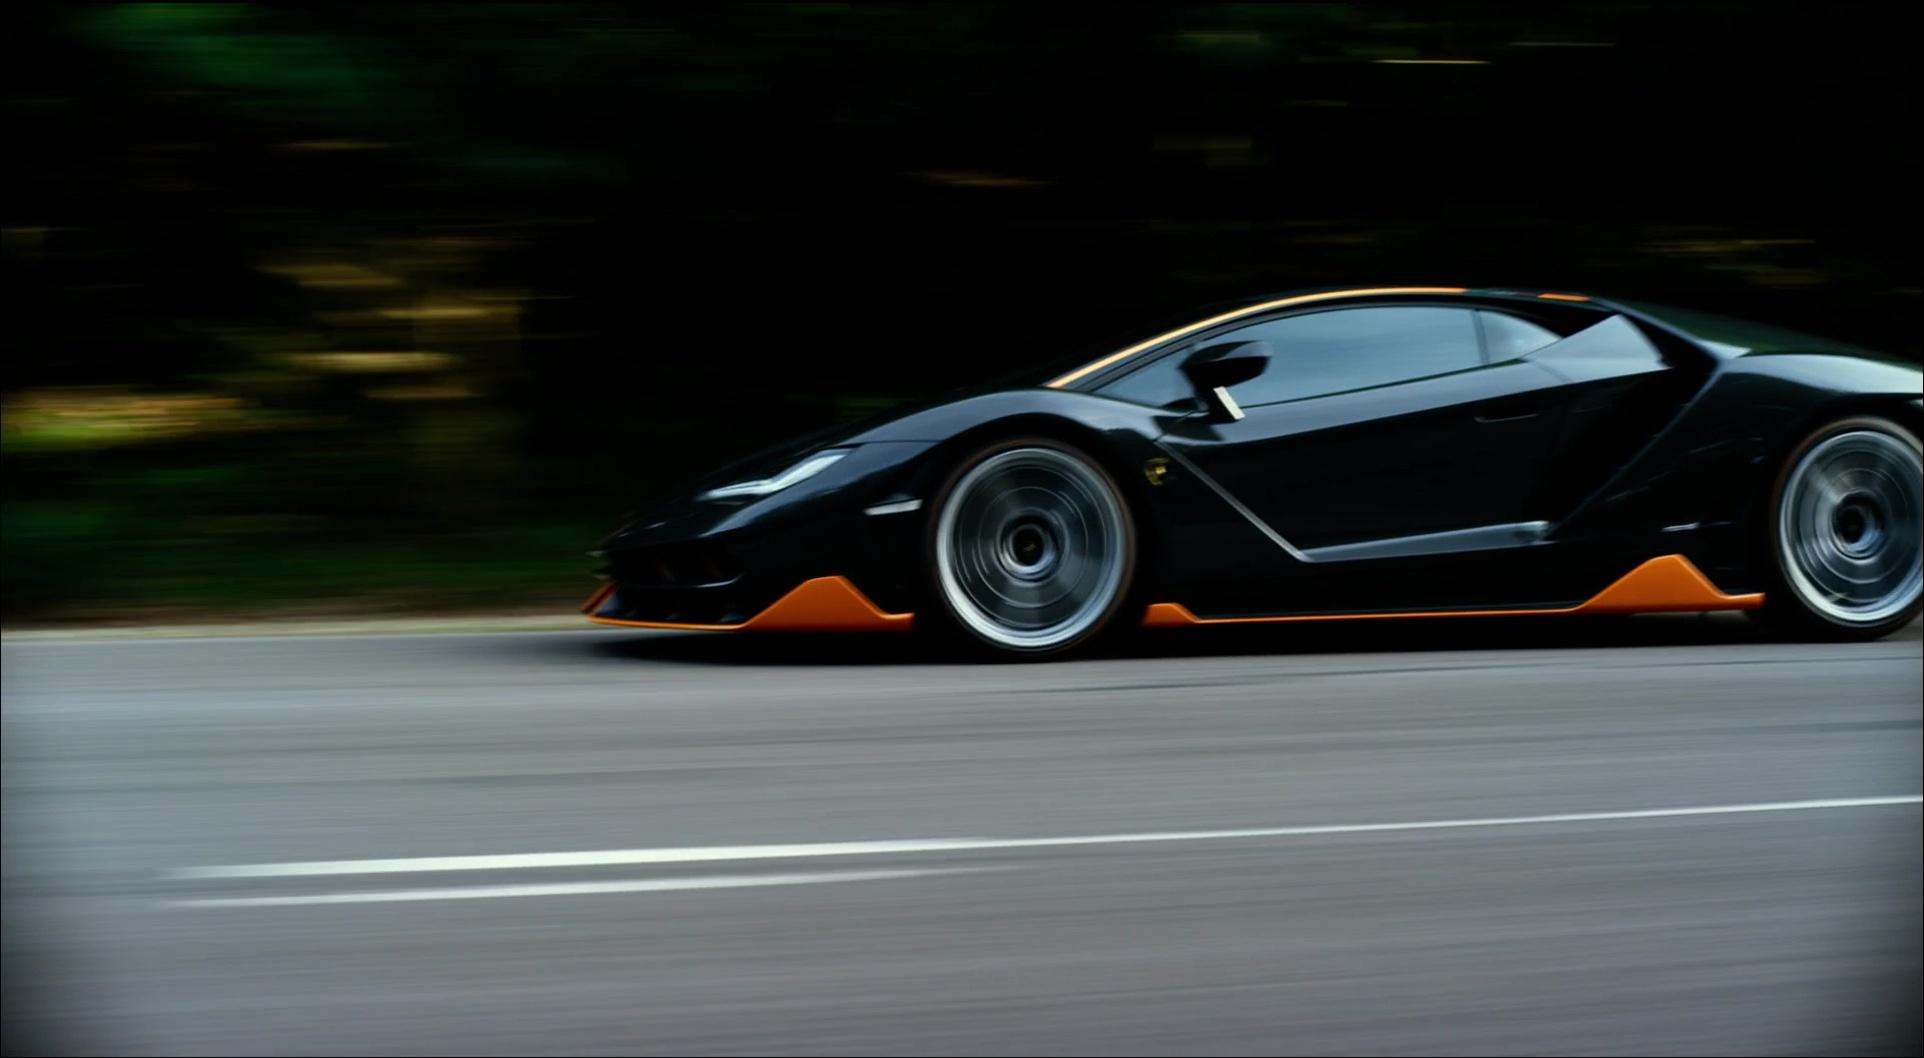 Seen In The Movie Lamborghini Centenario Lp 770 4 Car